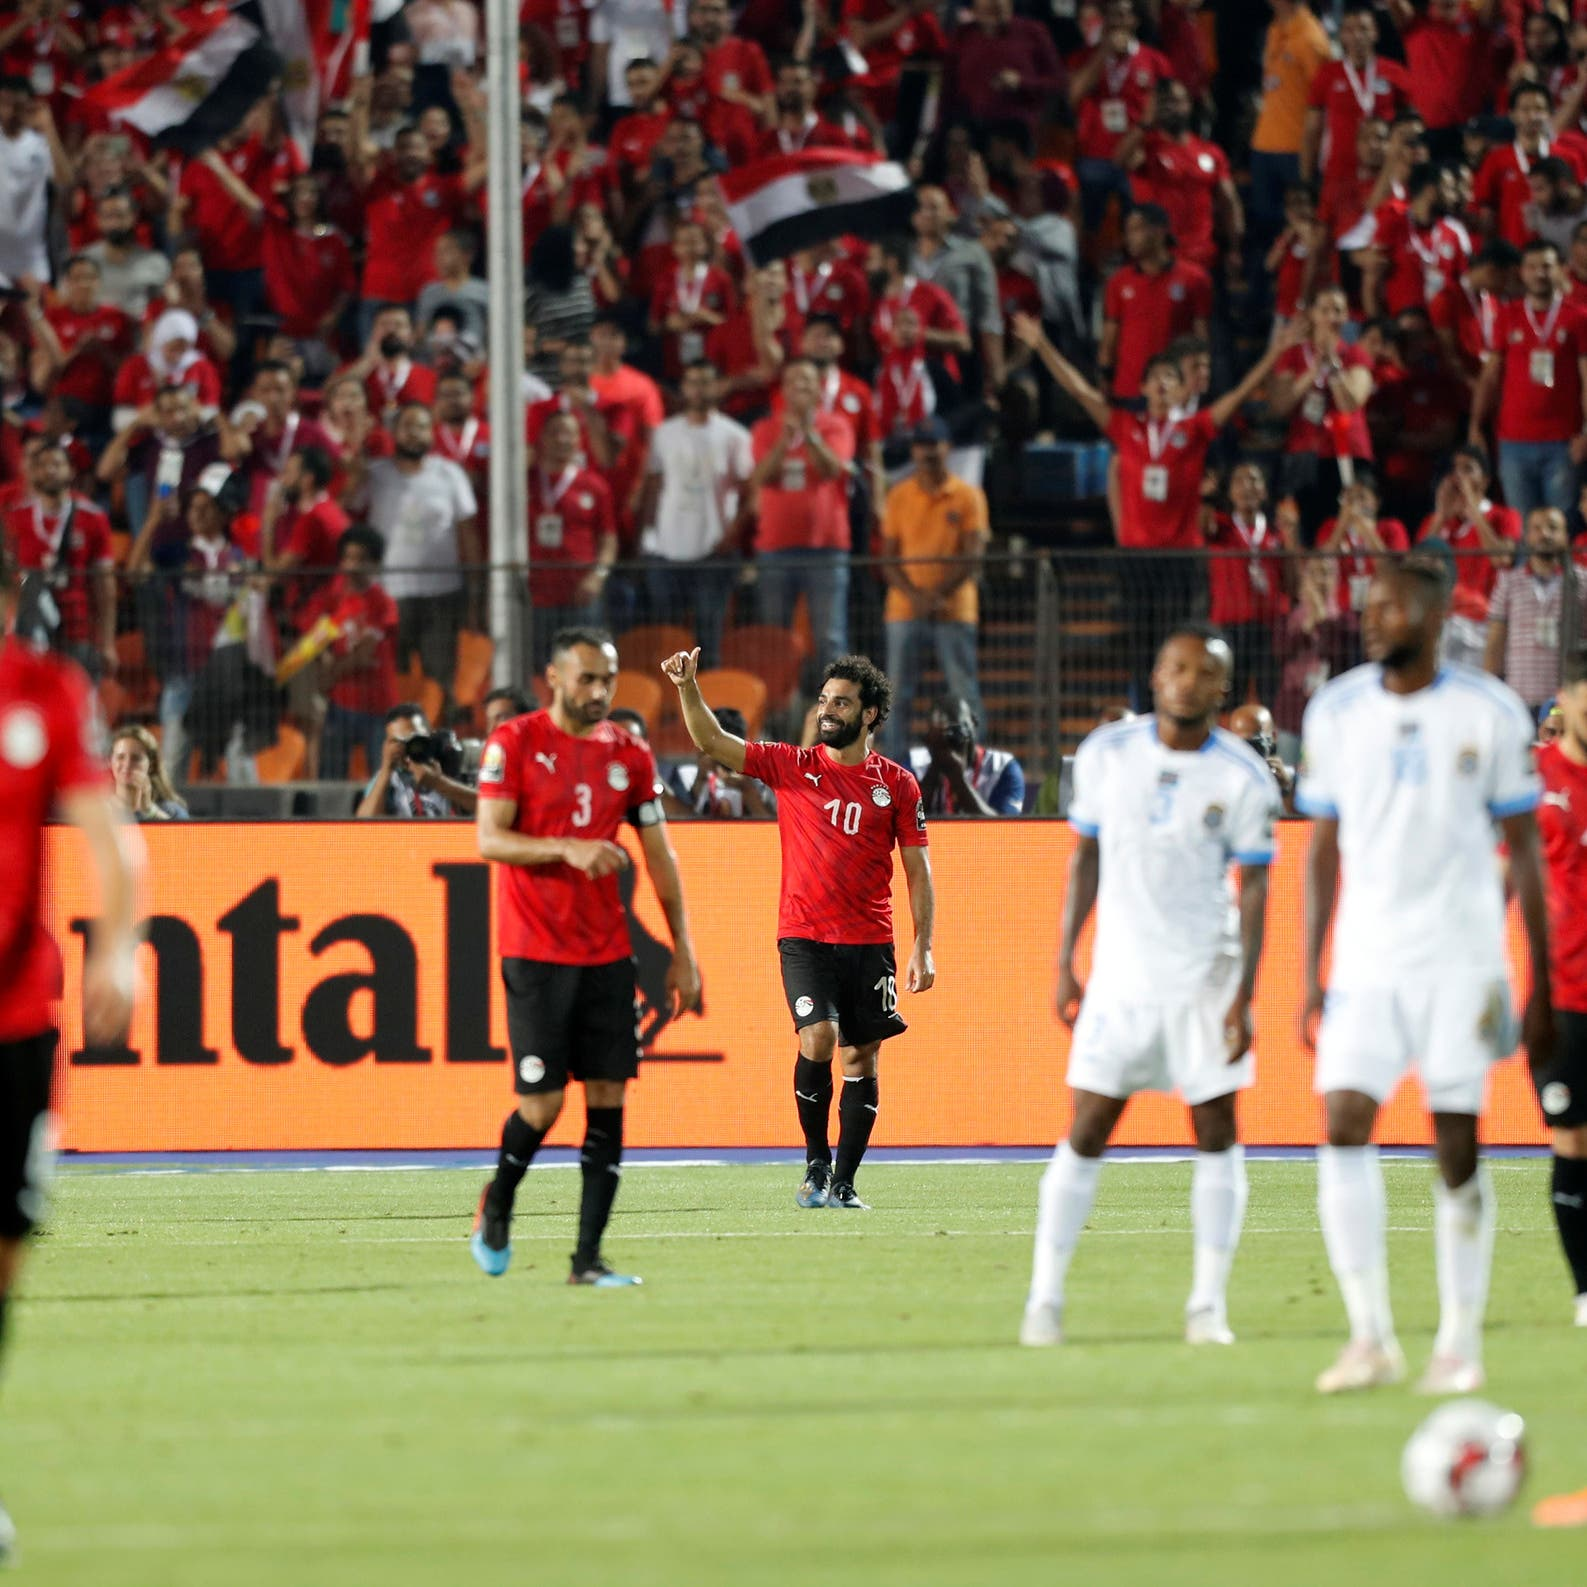 مصر تنفرد بصدارة المجموعة بعد فوزها على الكونغو